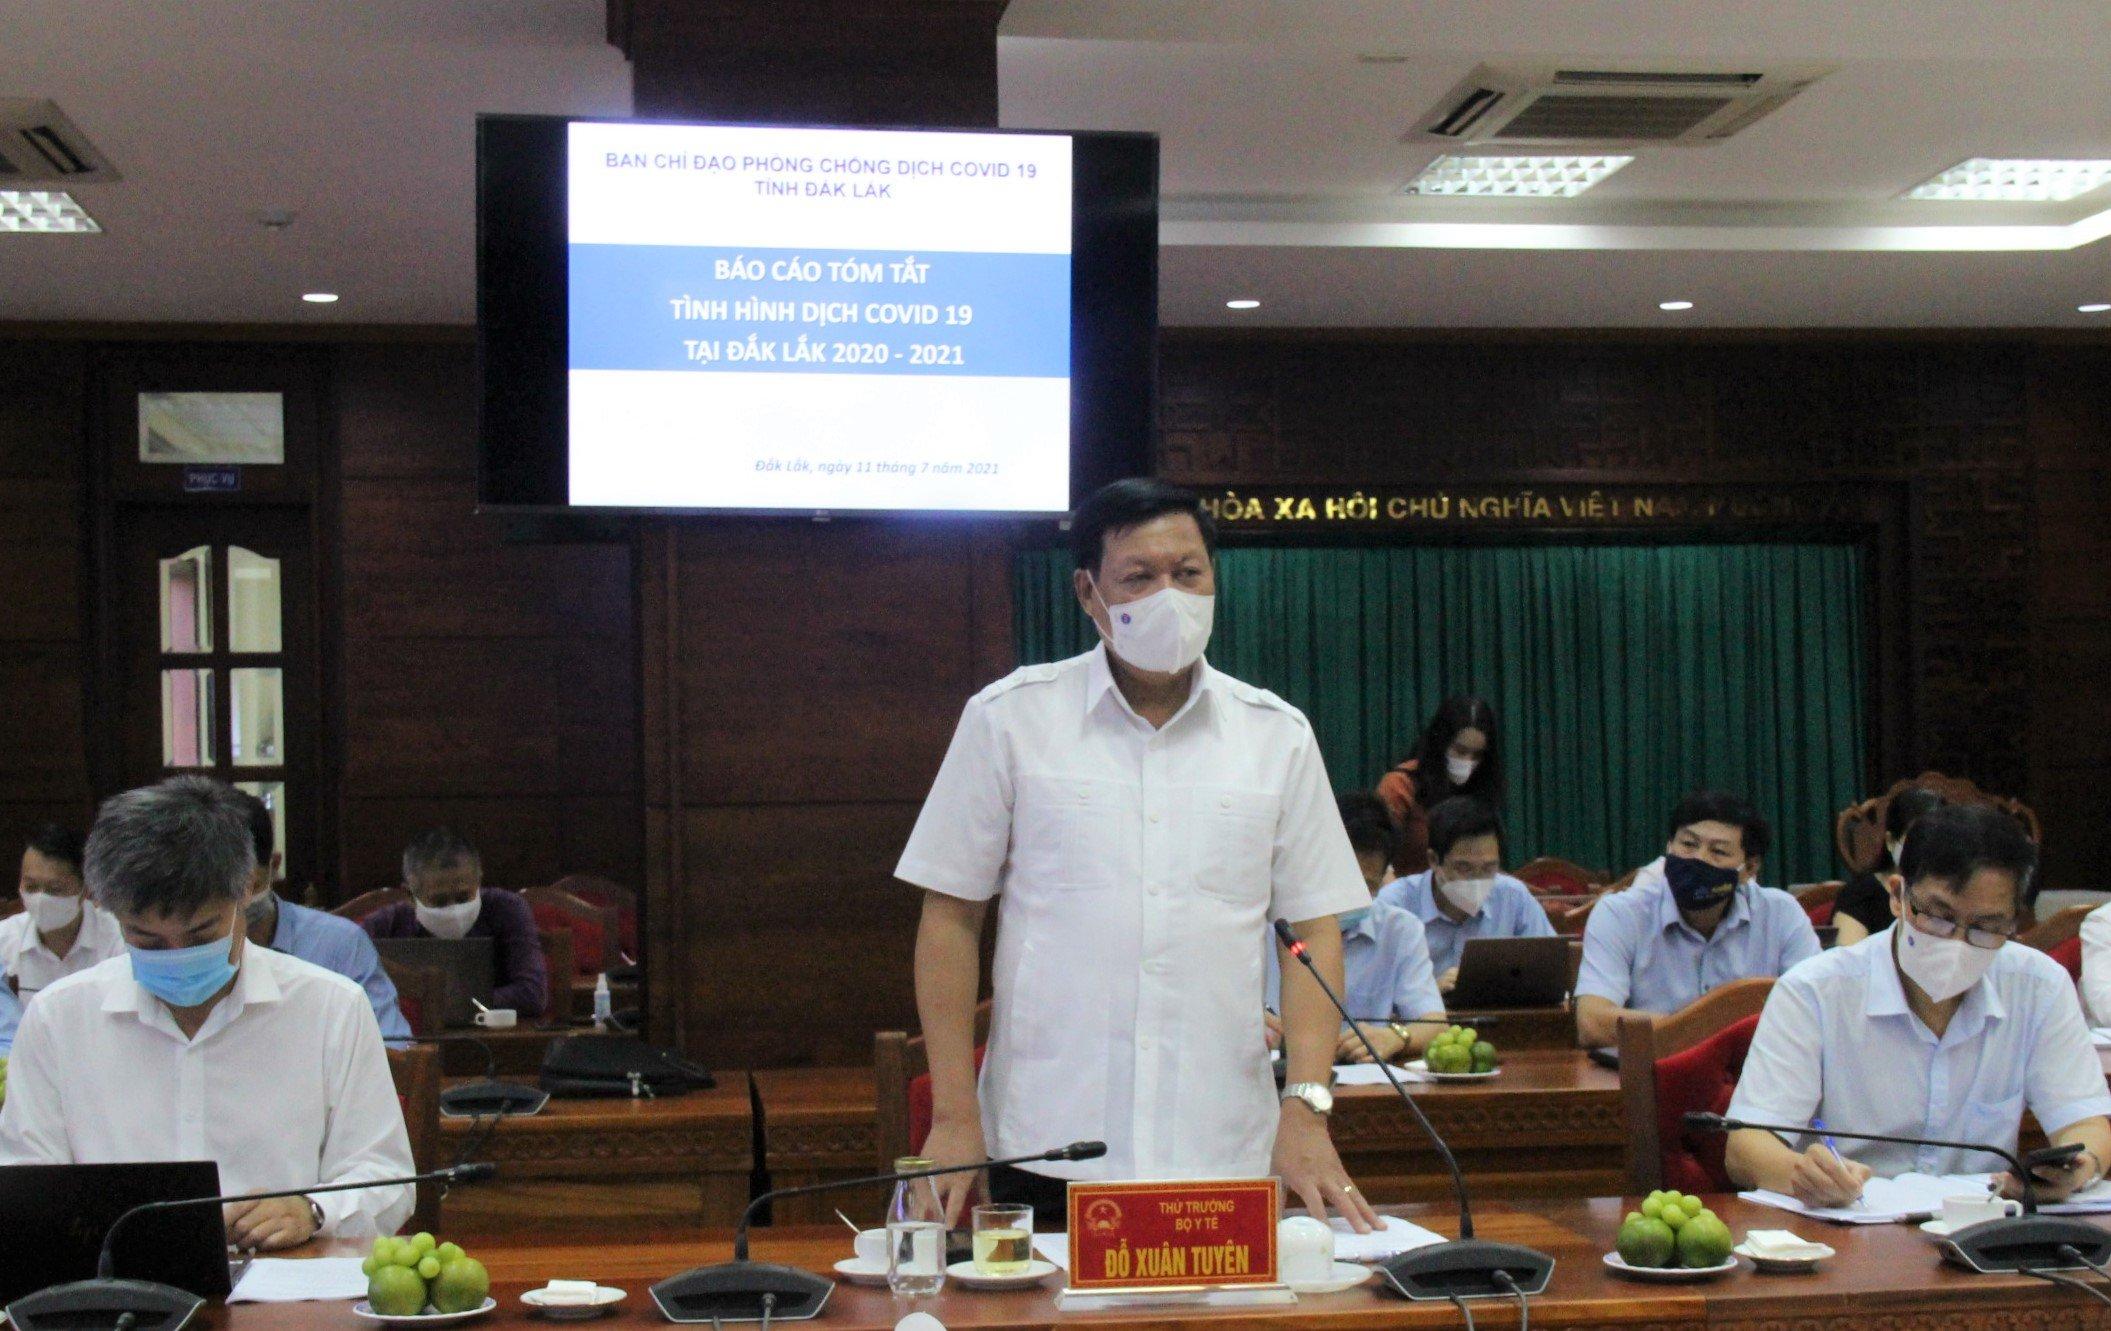 Thứ trưởng Bộ Y tế làm việc với tỉnh Đắk Lắk về công tác phòng chống dịch COVID-19